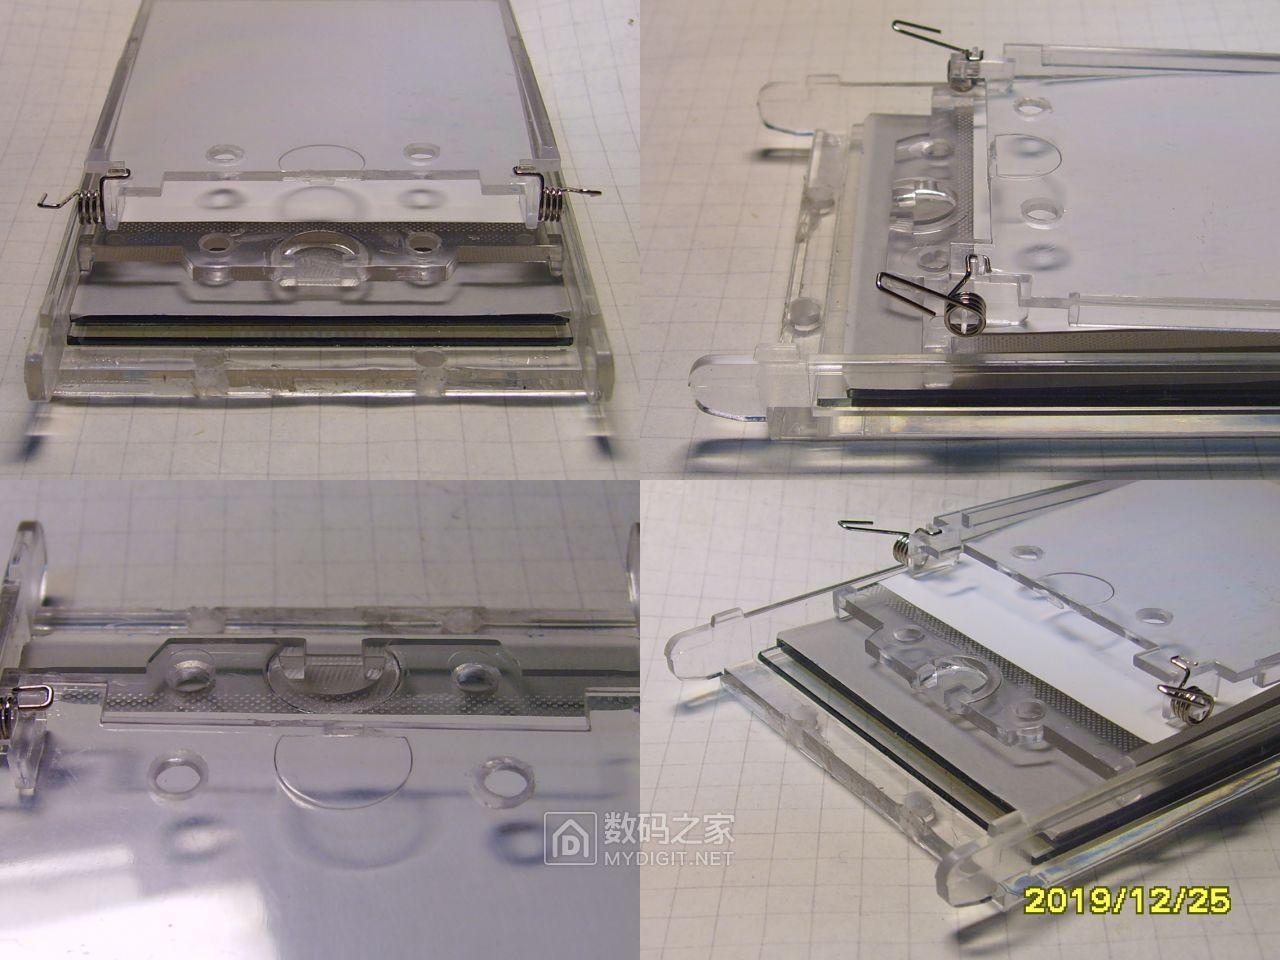 必要的加工处理。主要是为了保持对导电胶排线及LCD的一定的夹持力。